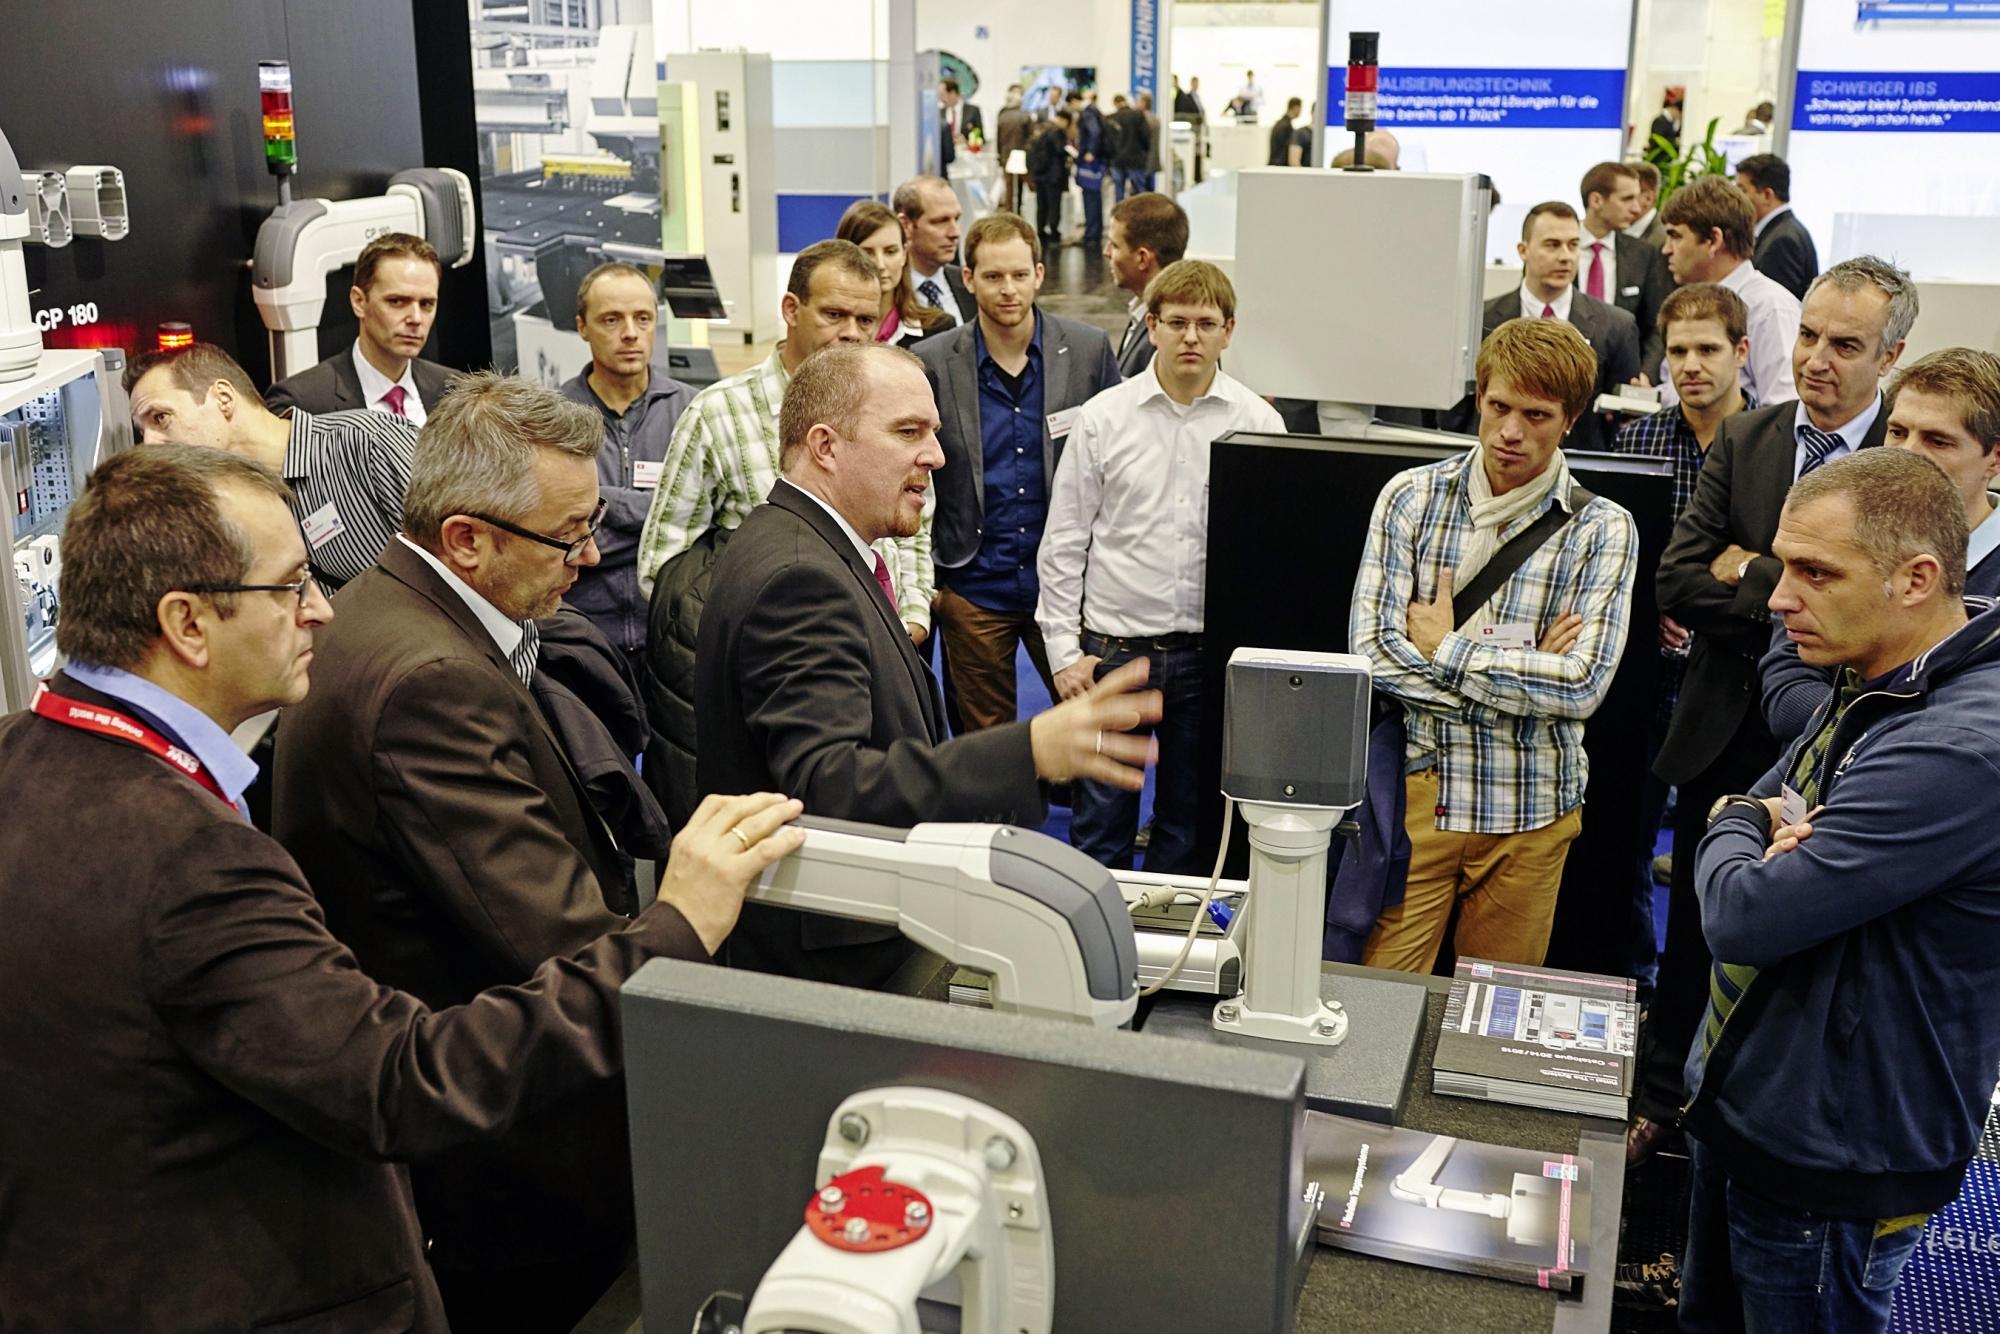 Wspólnie z partnerami, klientami i dostawcami Rittal ciągle poszukuje rozwiązań dla optymalizacji łańcuchów tworzenia wartości w produkcji urządzeń sterowniczych i rozdzielczych.